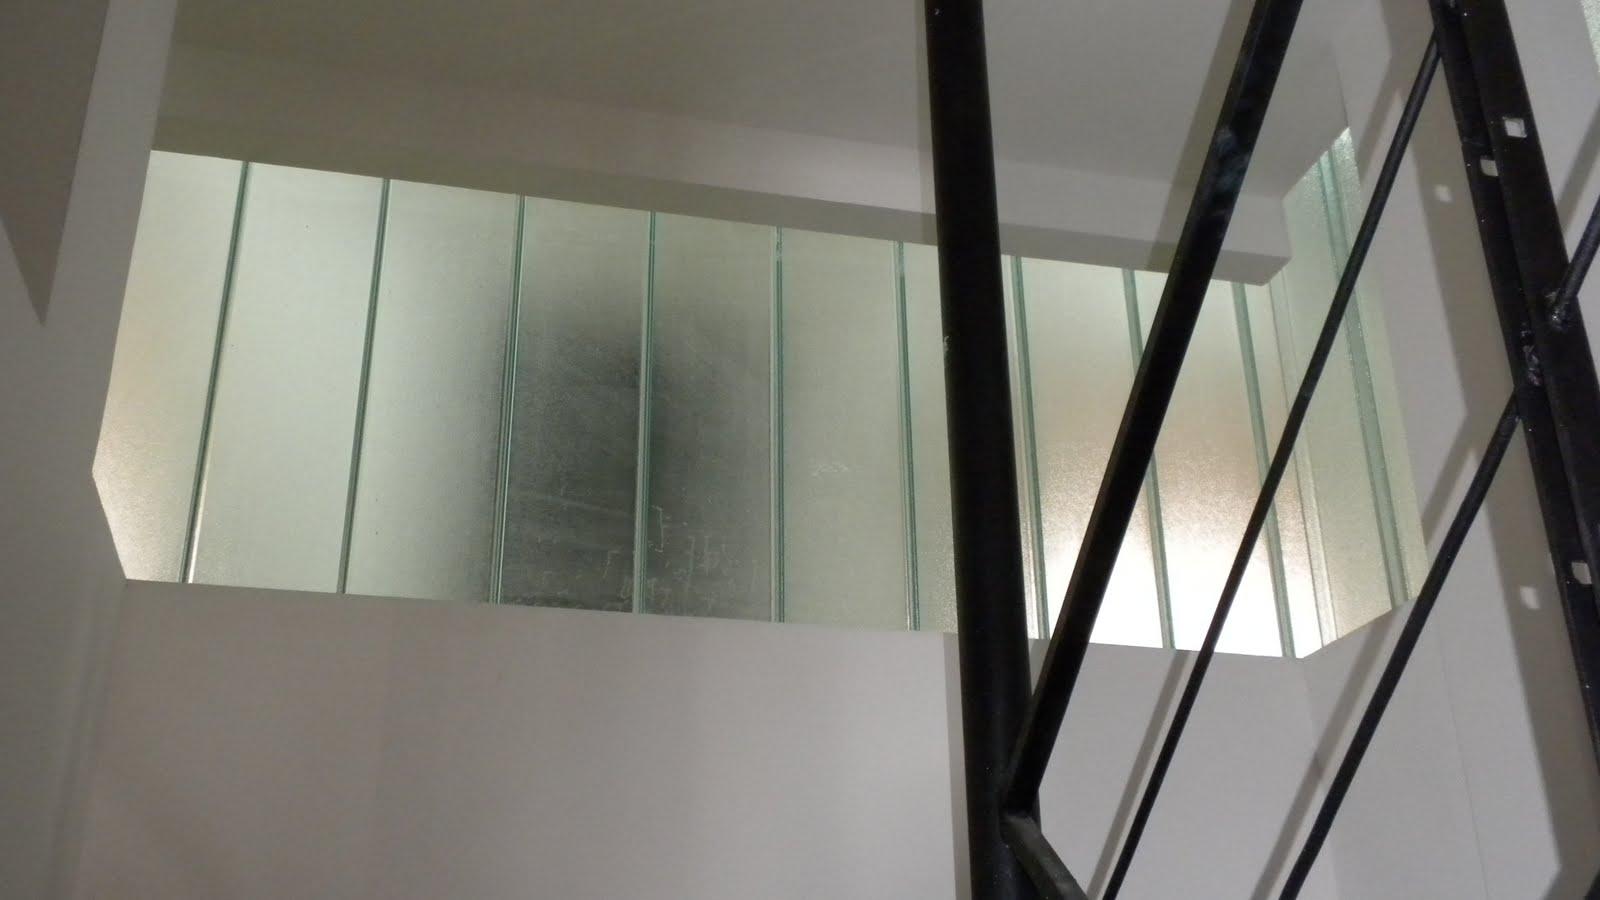 Alumba aluminio buenos aires pa o fijo for Cotizacion aluminio argentina